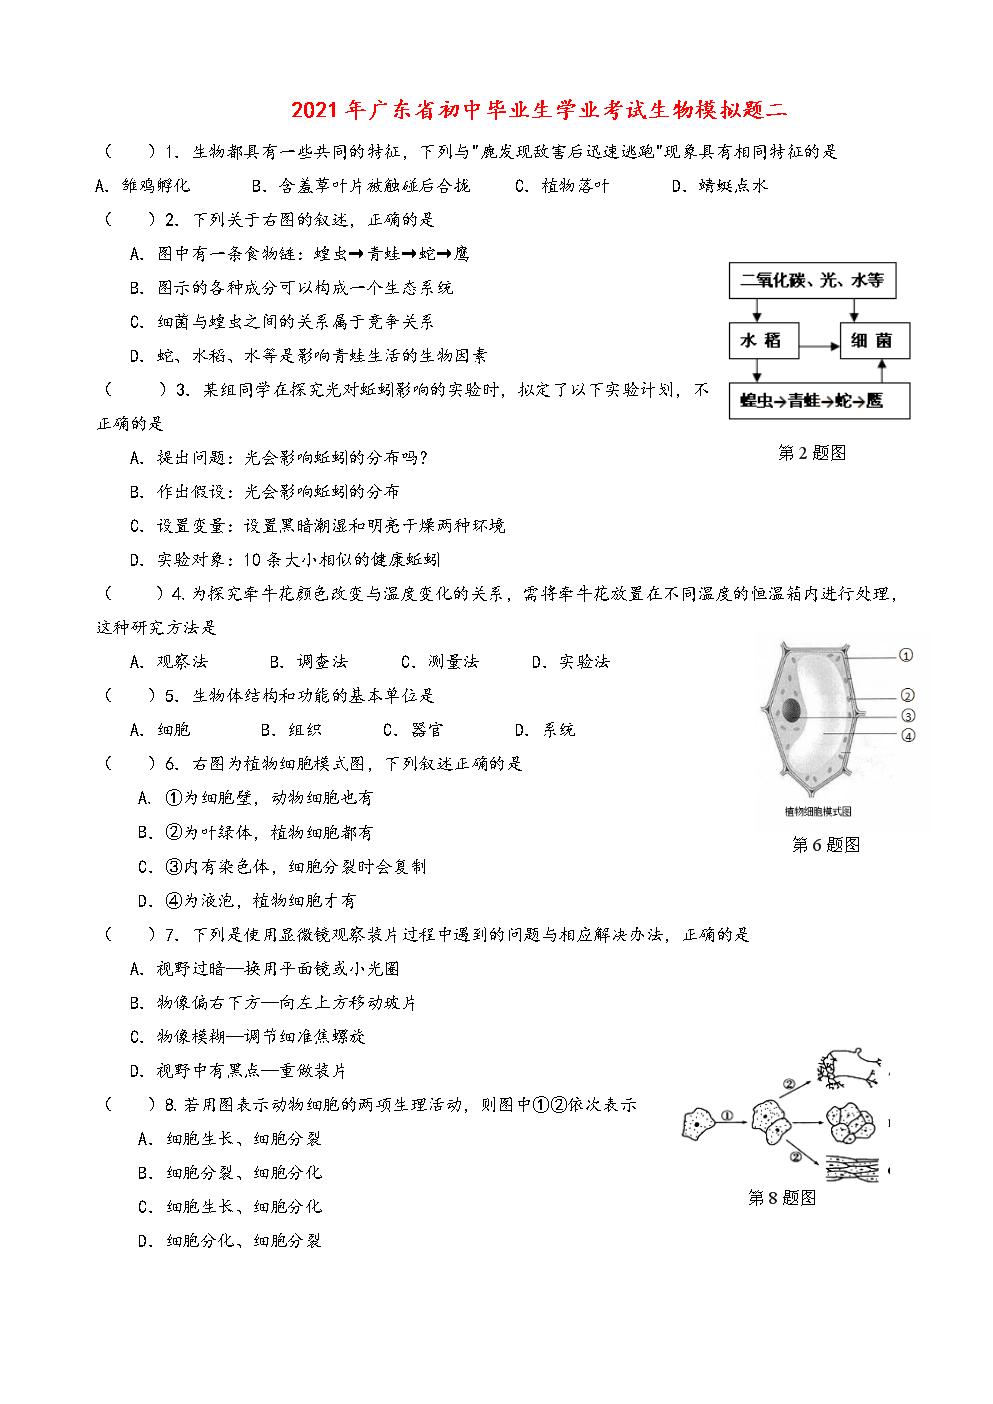 2021年广东省初中生物毕业生学业考试模拟试题(九年级).doc